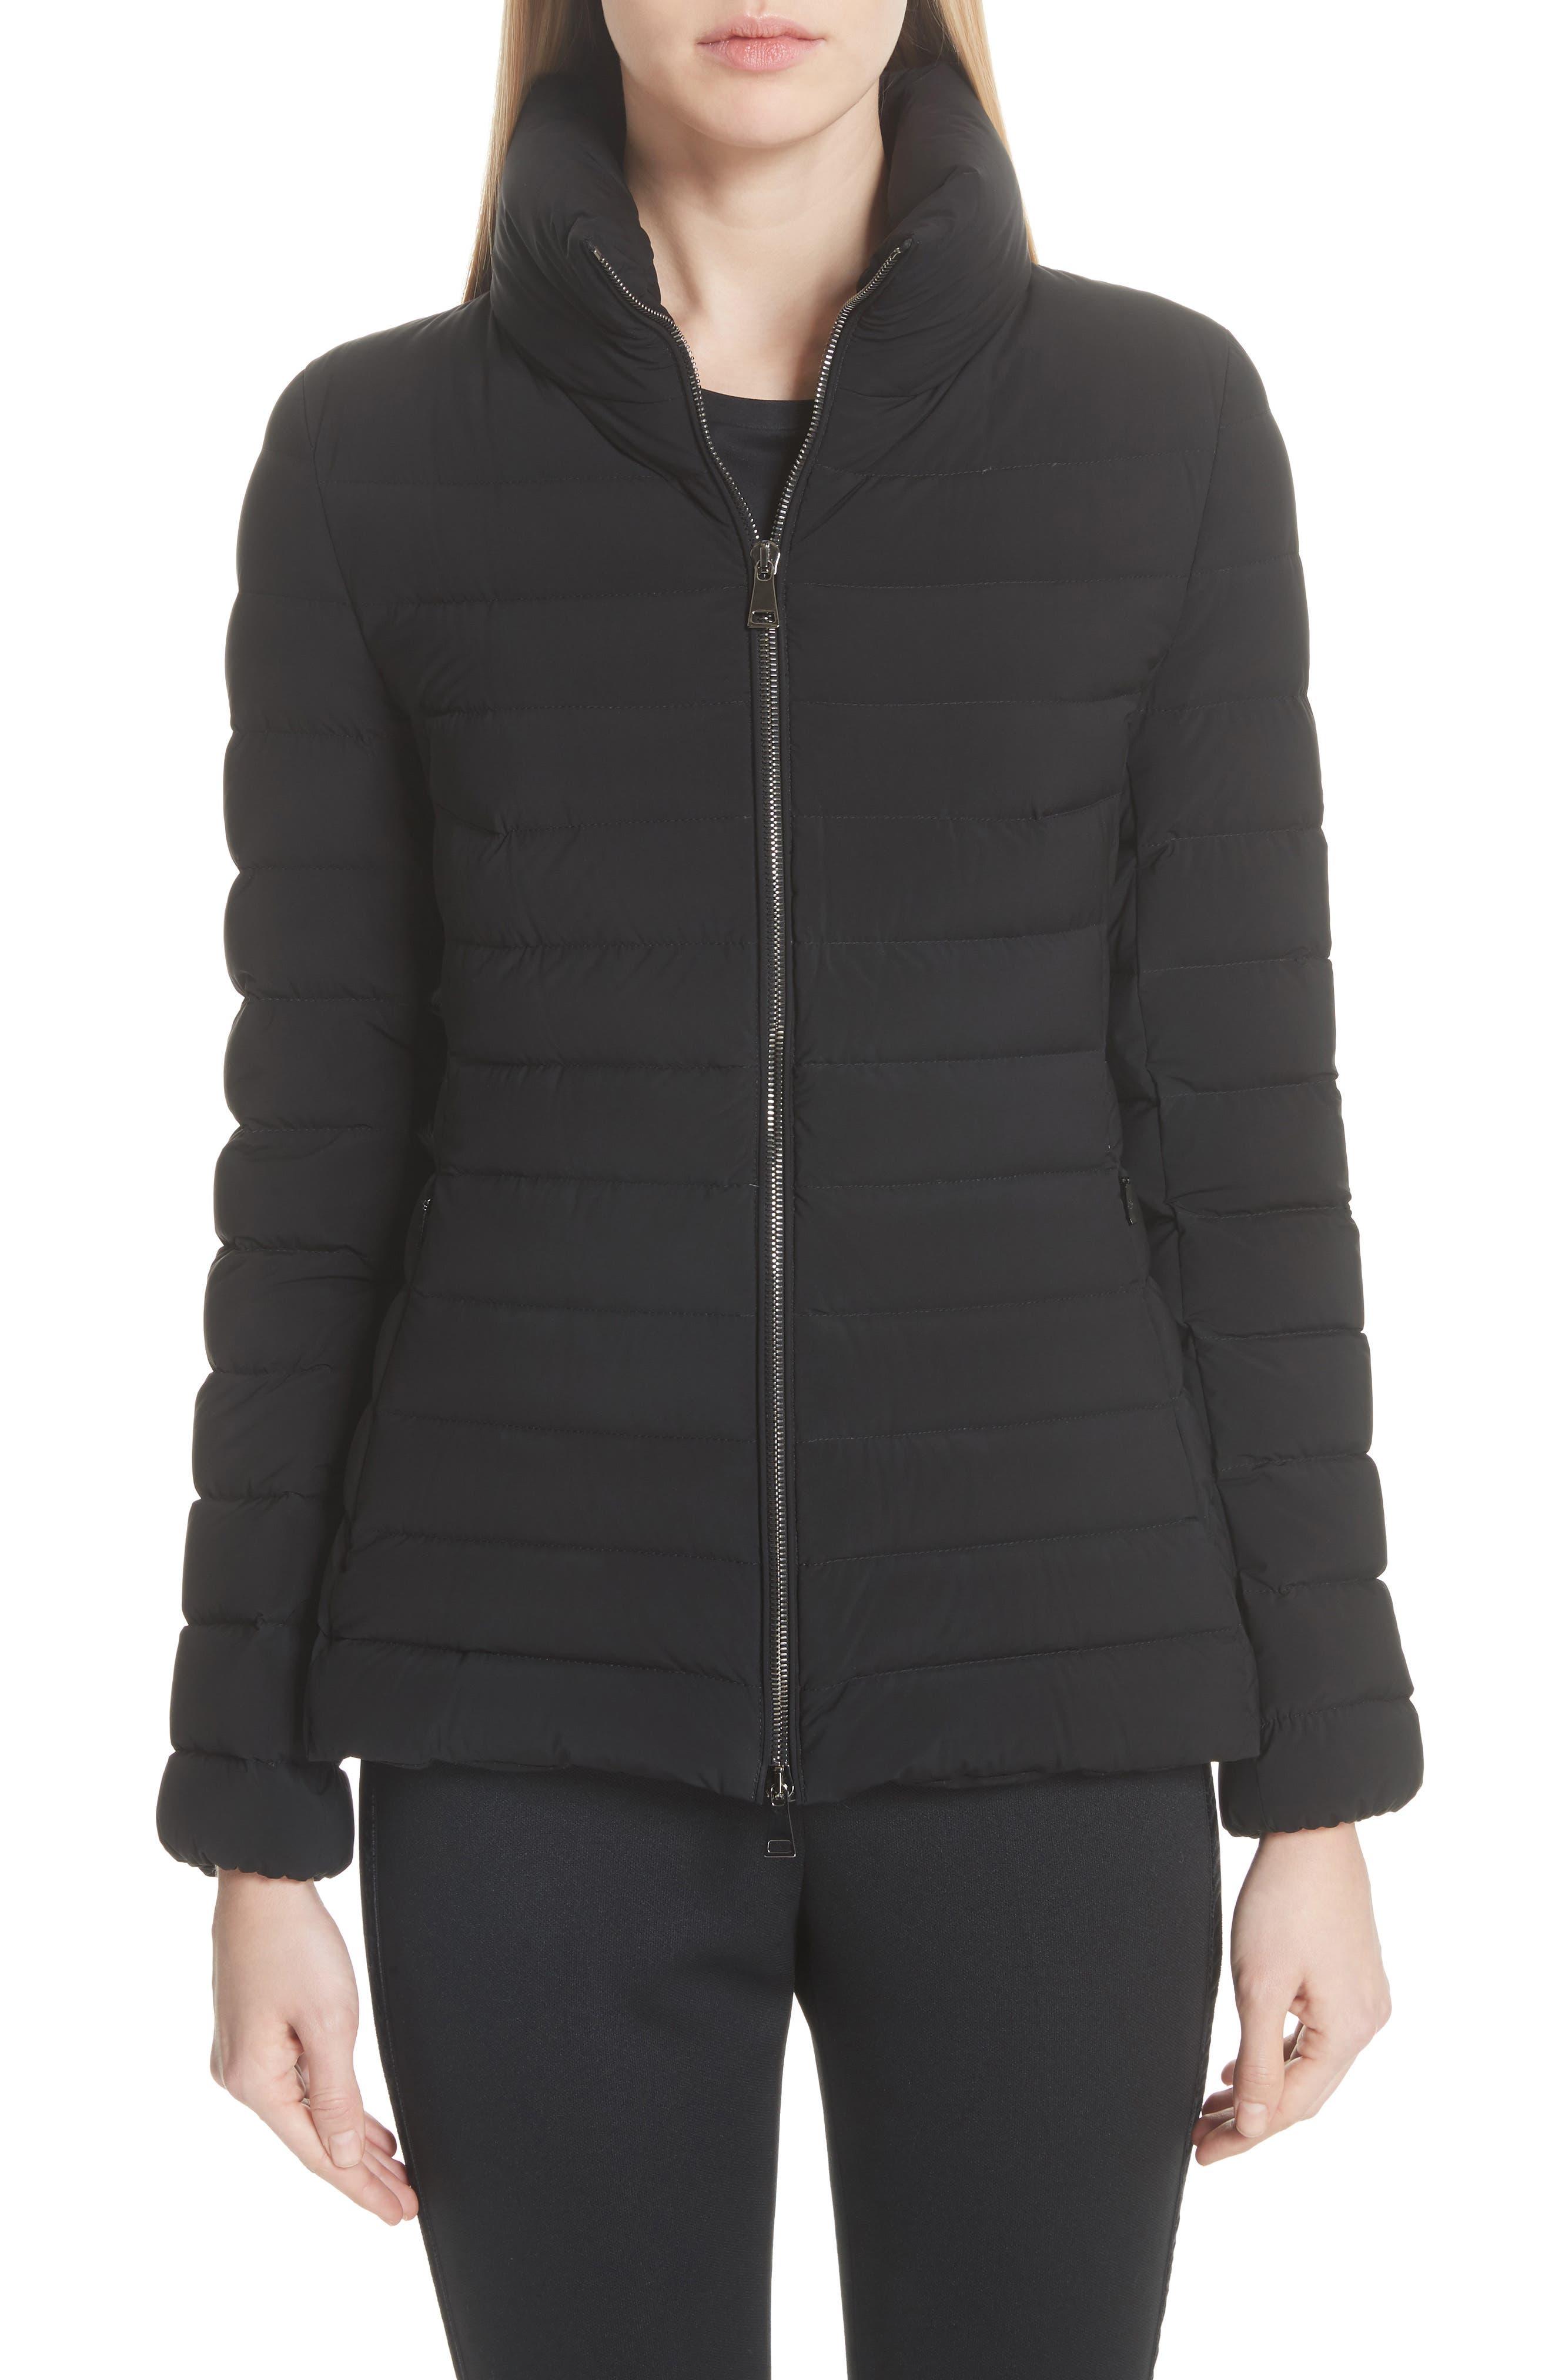 MONCLER Guillemot Quilted Down Jacket, Main, color, BLACK